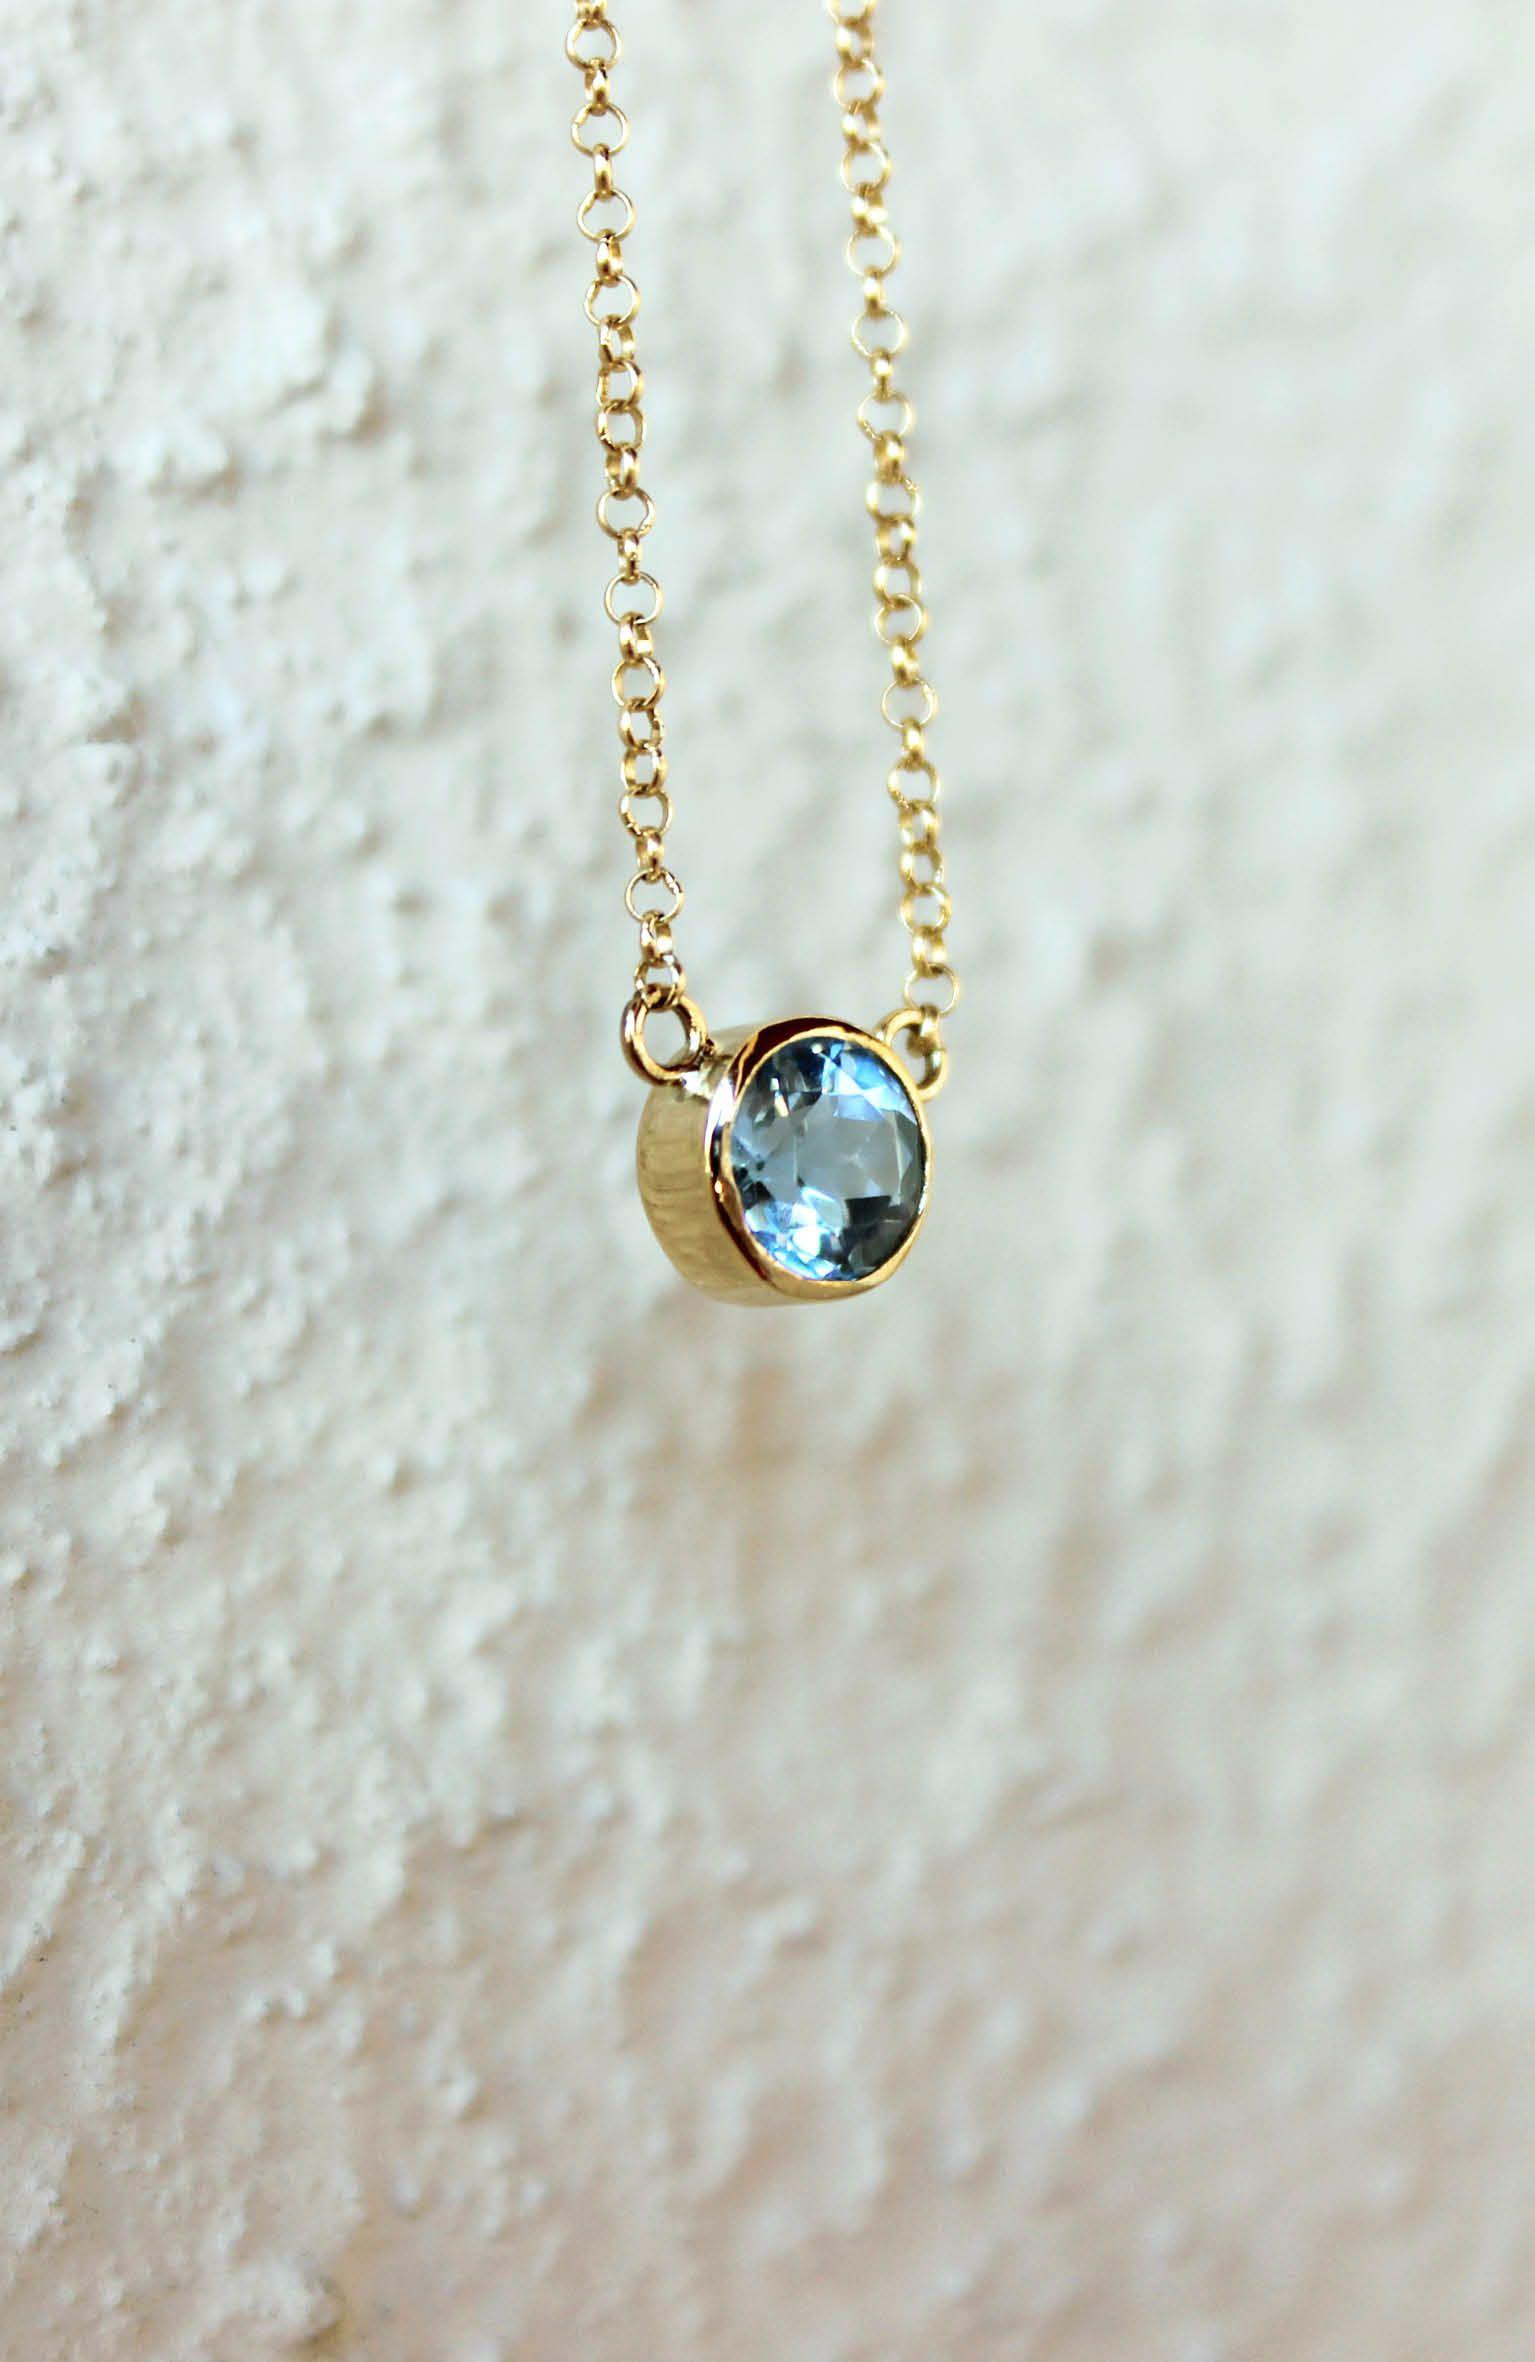 Delicada encomenda de joia feita à mão em ouro amarelo 18k, topázio azul e  corrente 60ab8d8cf7